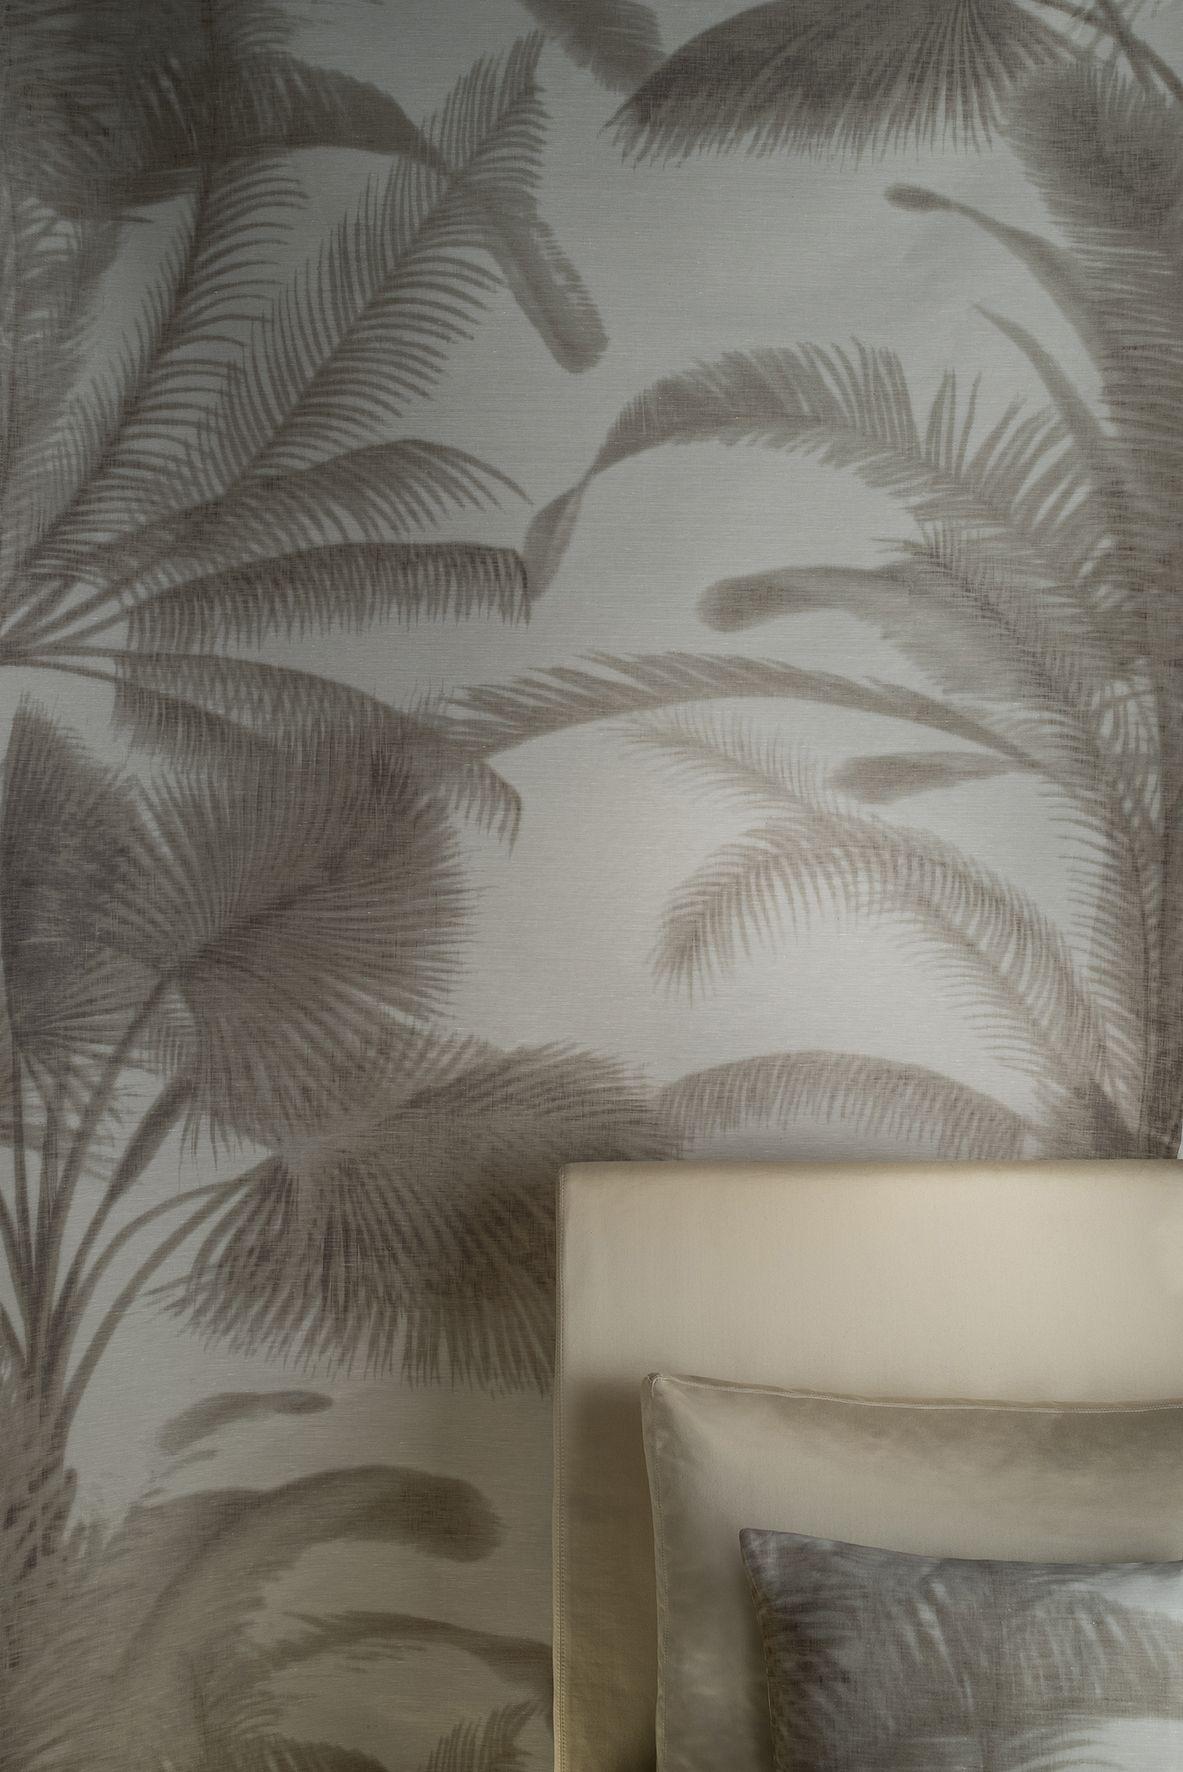 Carta Da Parati Giorgio Armani.Rubelli Tissu Honolulu Armani Casa Exclusive Textiles By Rubelli Http Www Rubelli Com Www Loggerewilpowe Armani Wallpaper Wallpaper Bedroom Armani Home